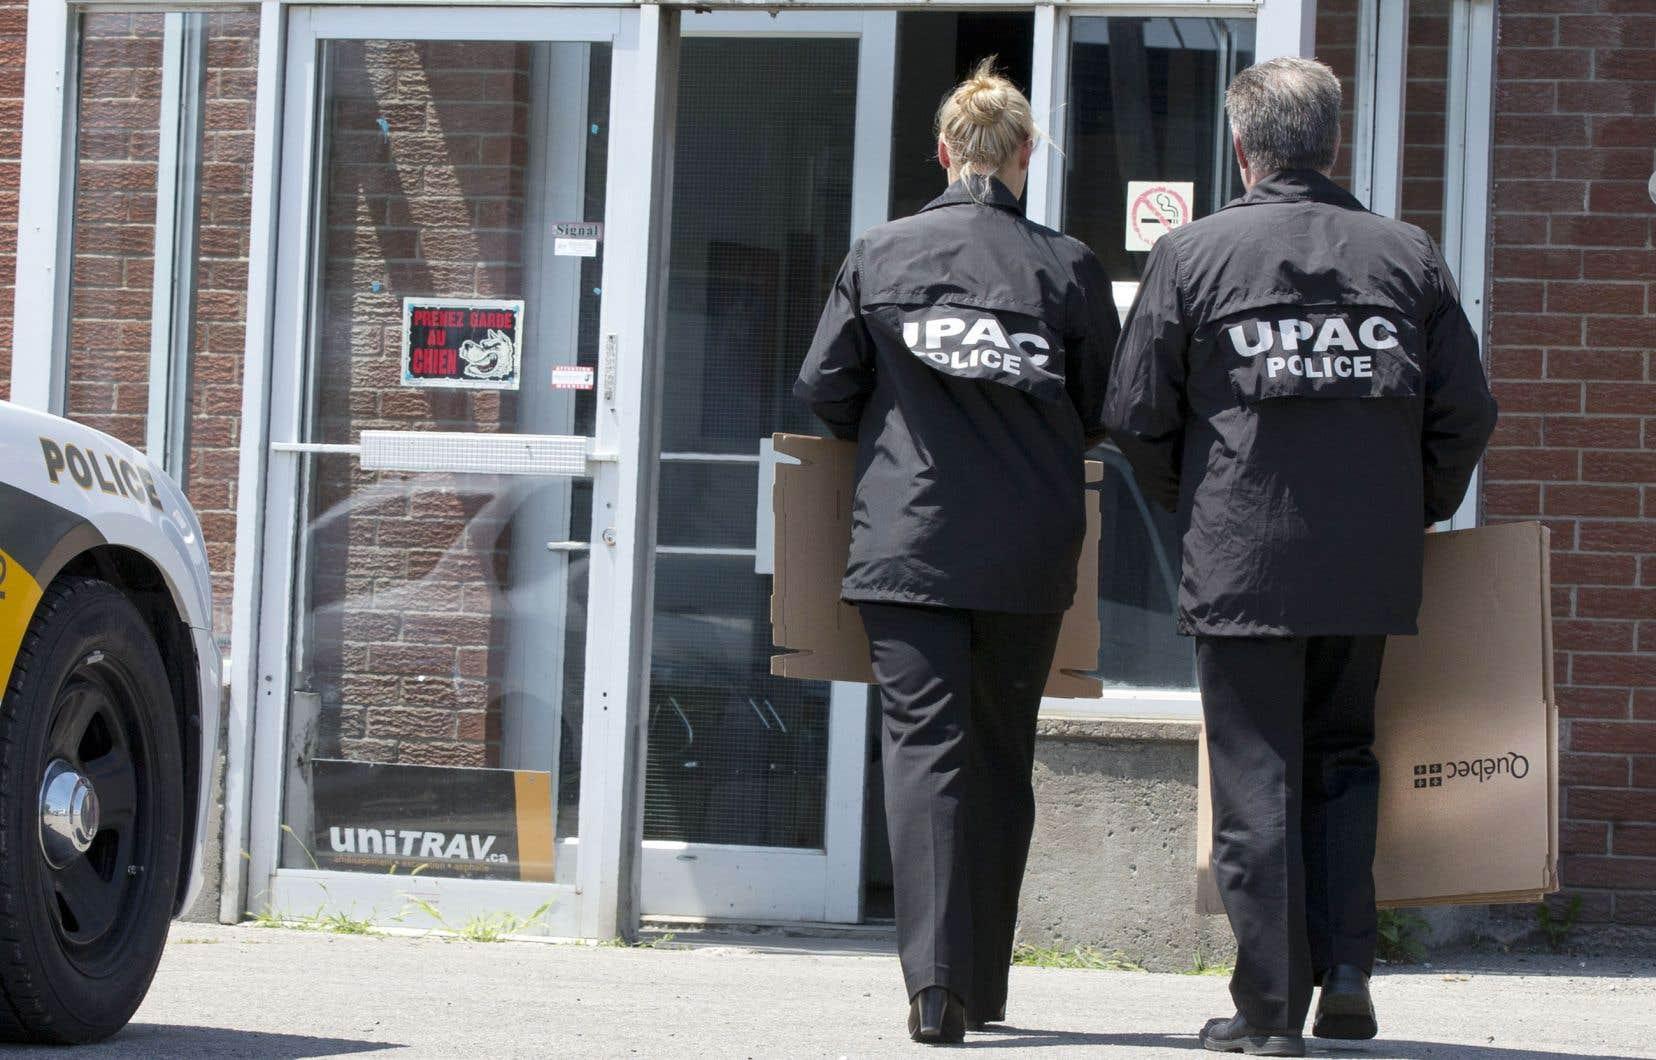 Les cinq personnes arrêtées devront comparaître le 2mai prochain au palais de justice de Saint-Jérôme.